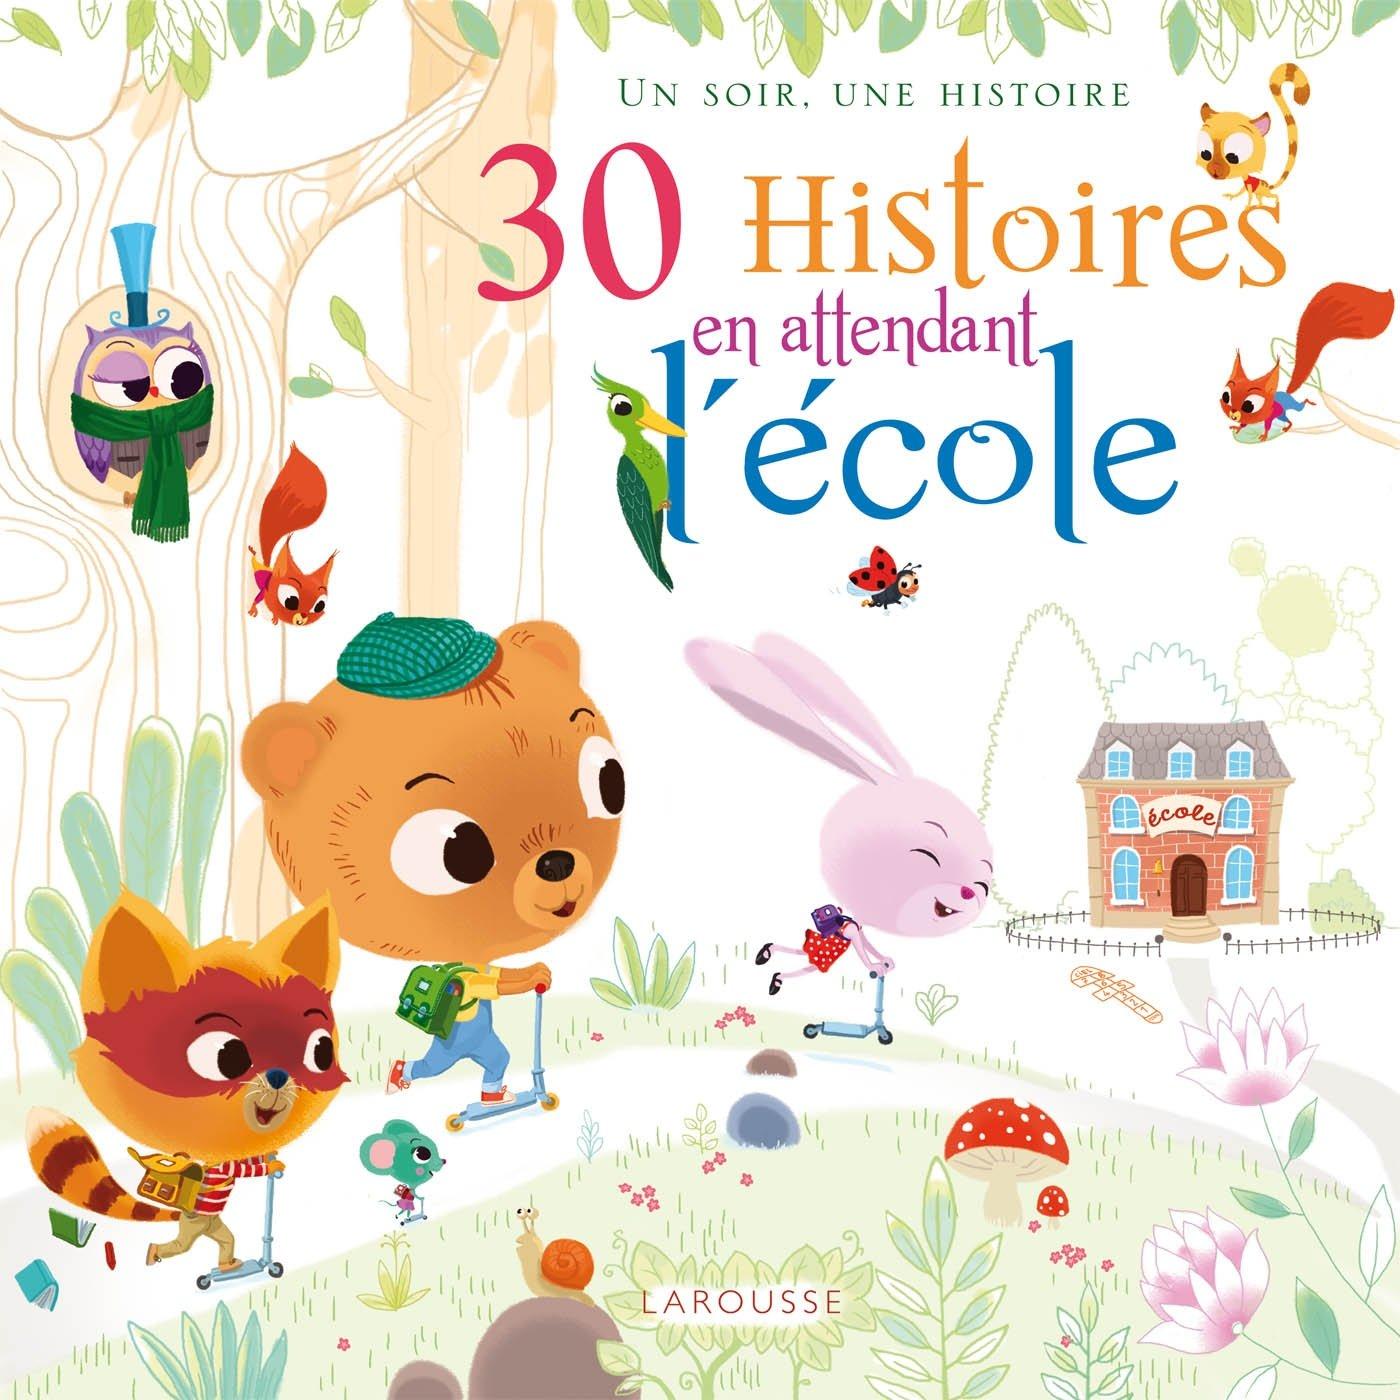 30 histoires